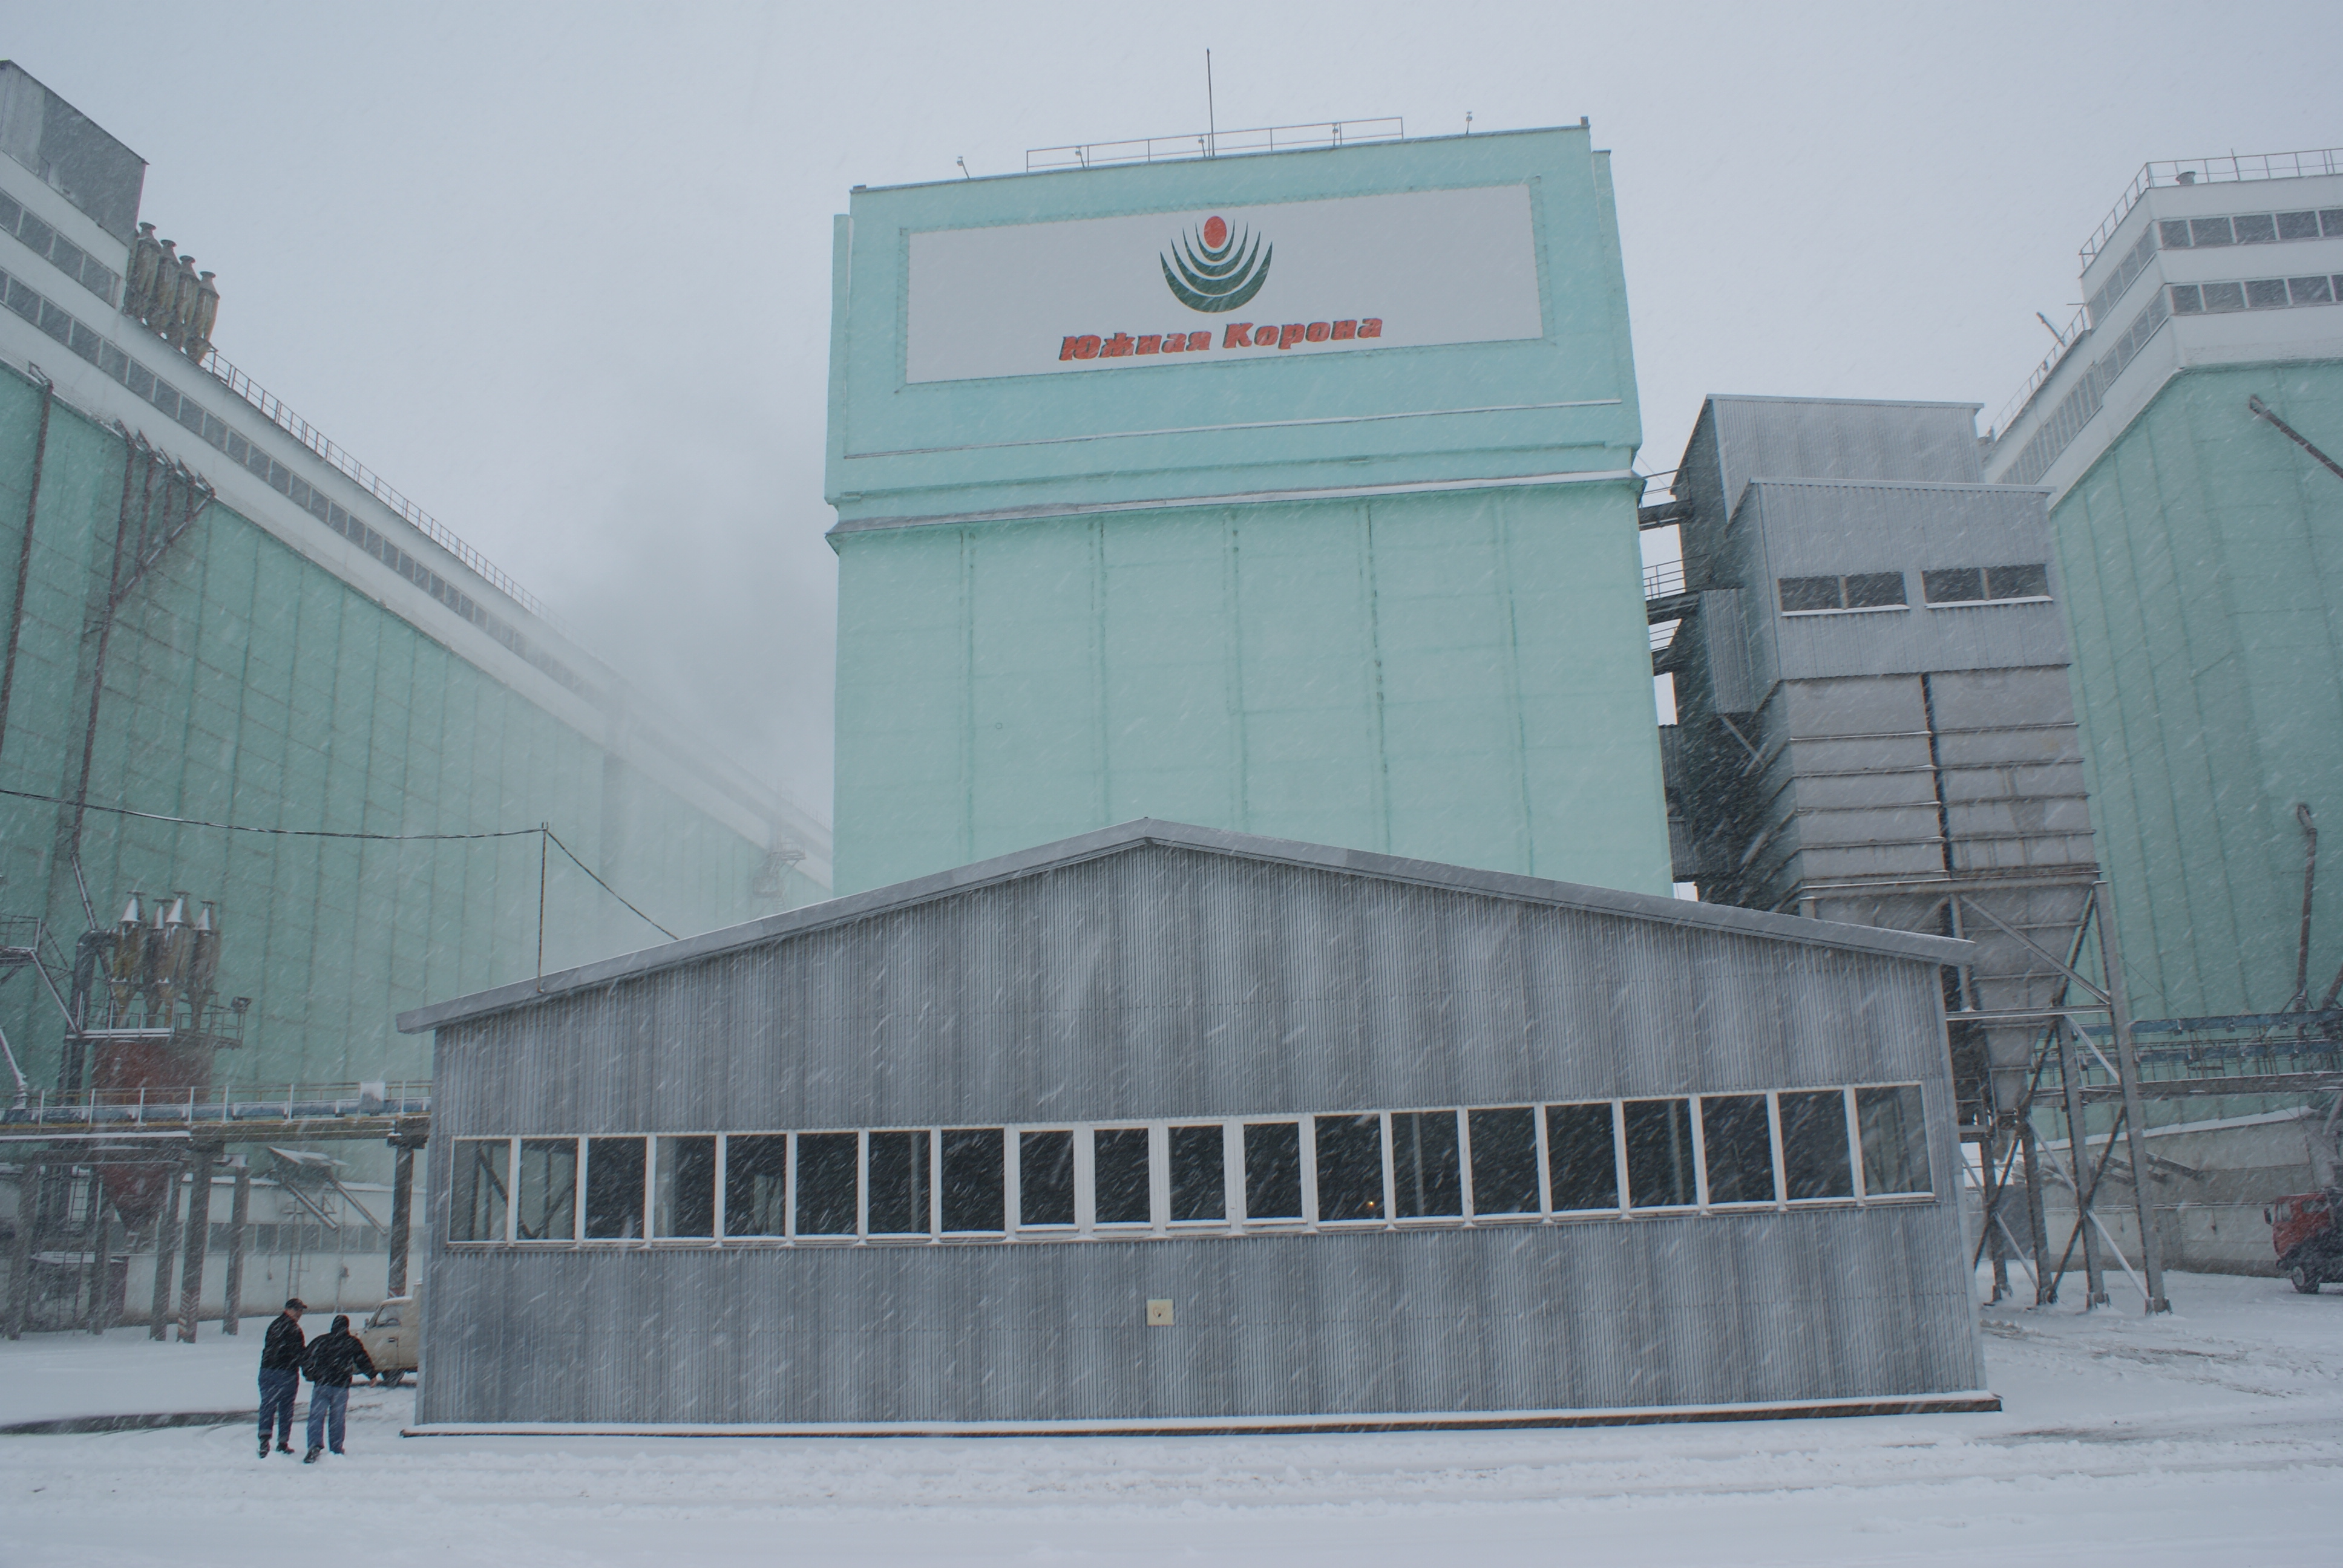 Элеватор брюховецкой вакуумный насос транспортер т4 2 4